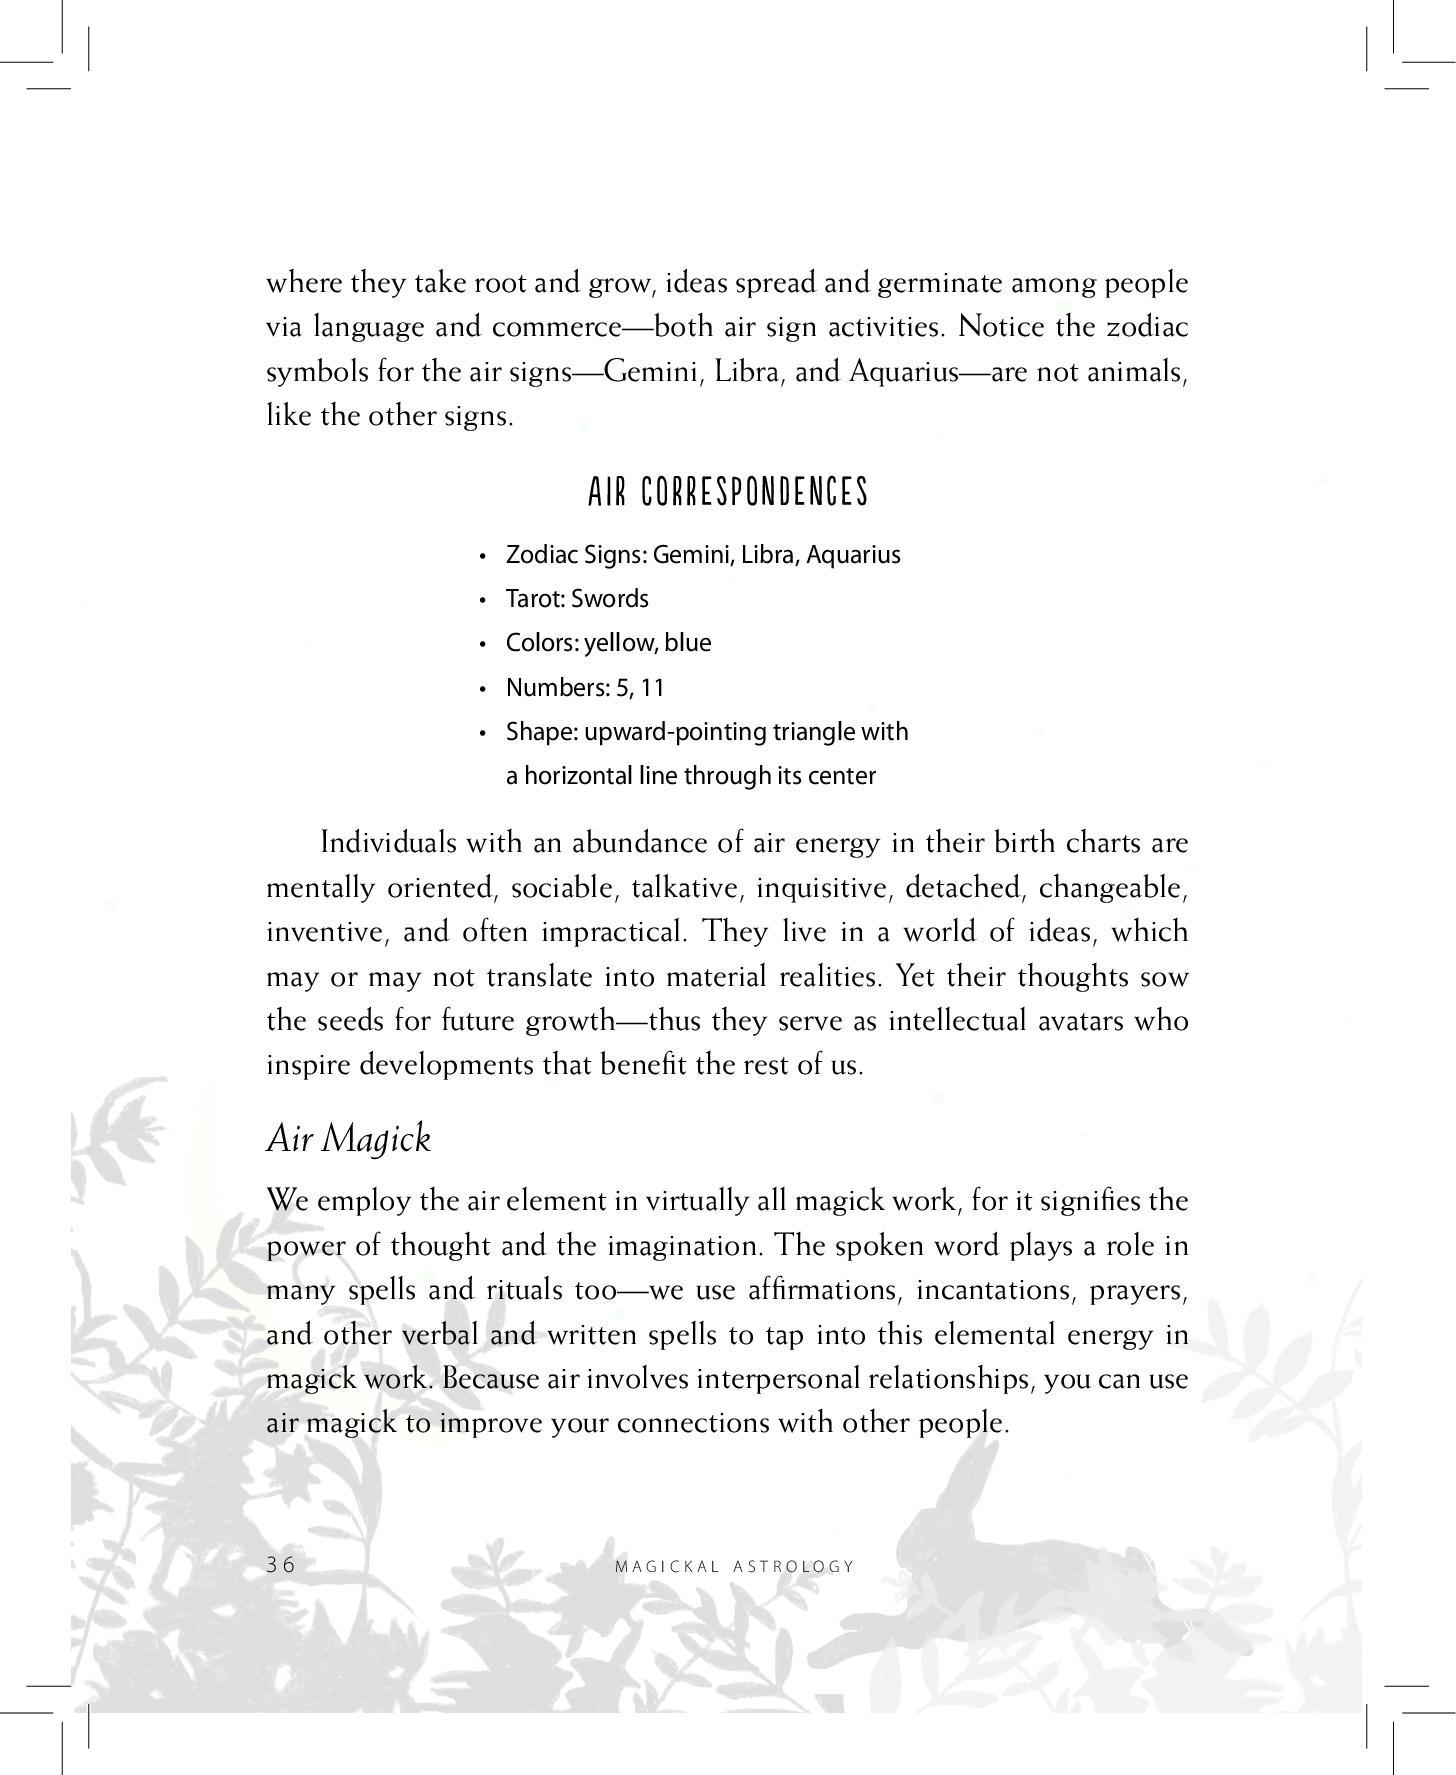 Magickal Astrology Ebook Sampler - CALAMEO Downloader